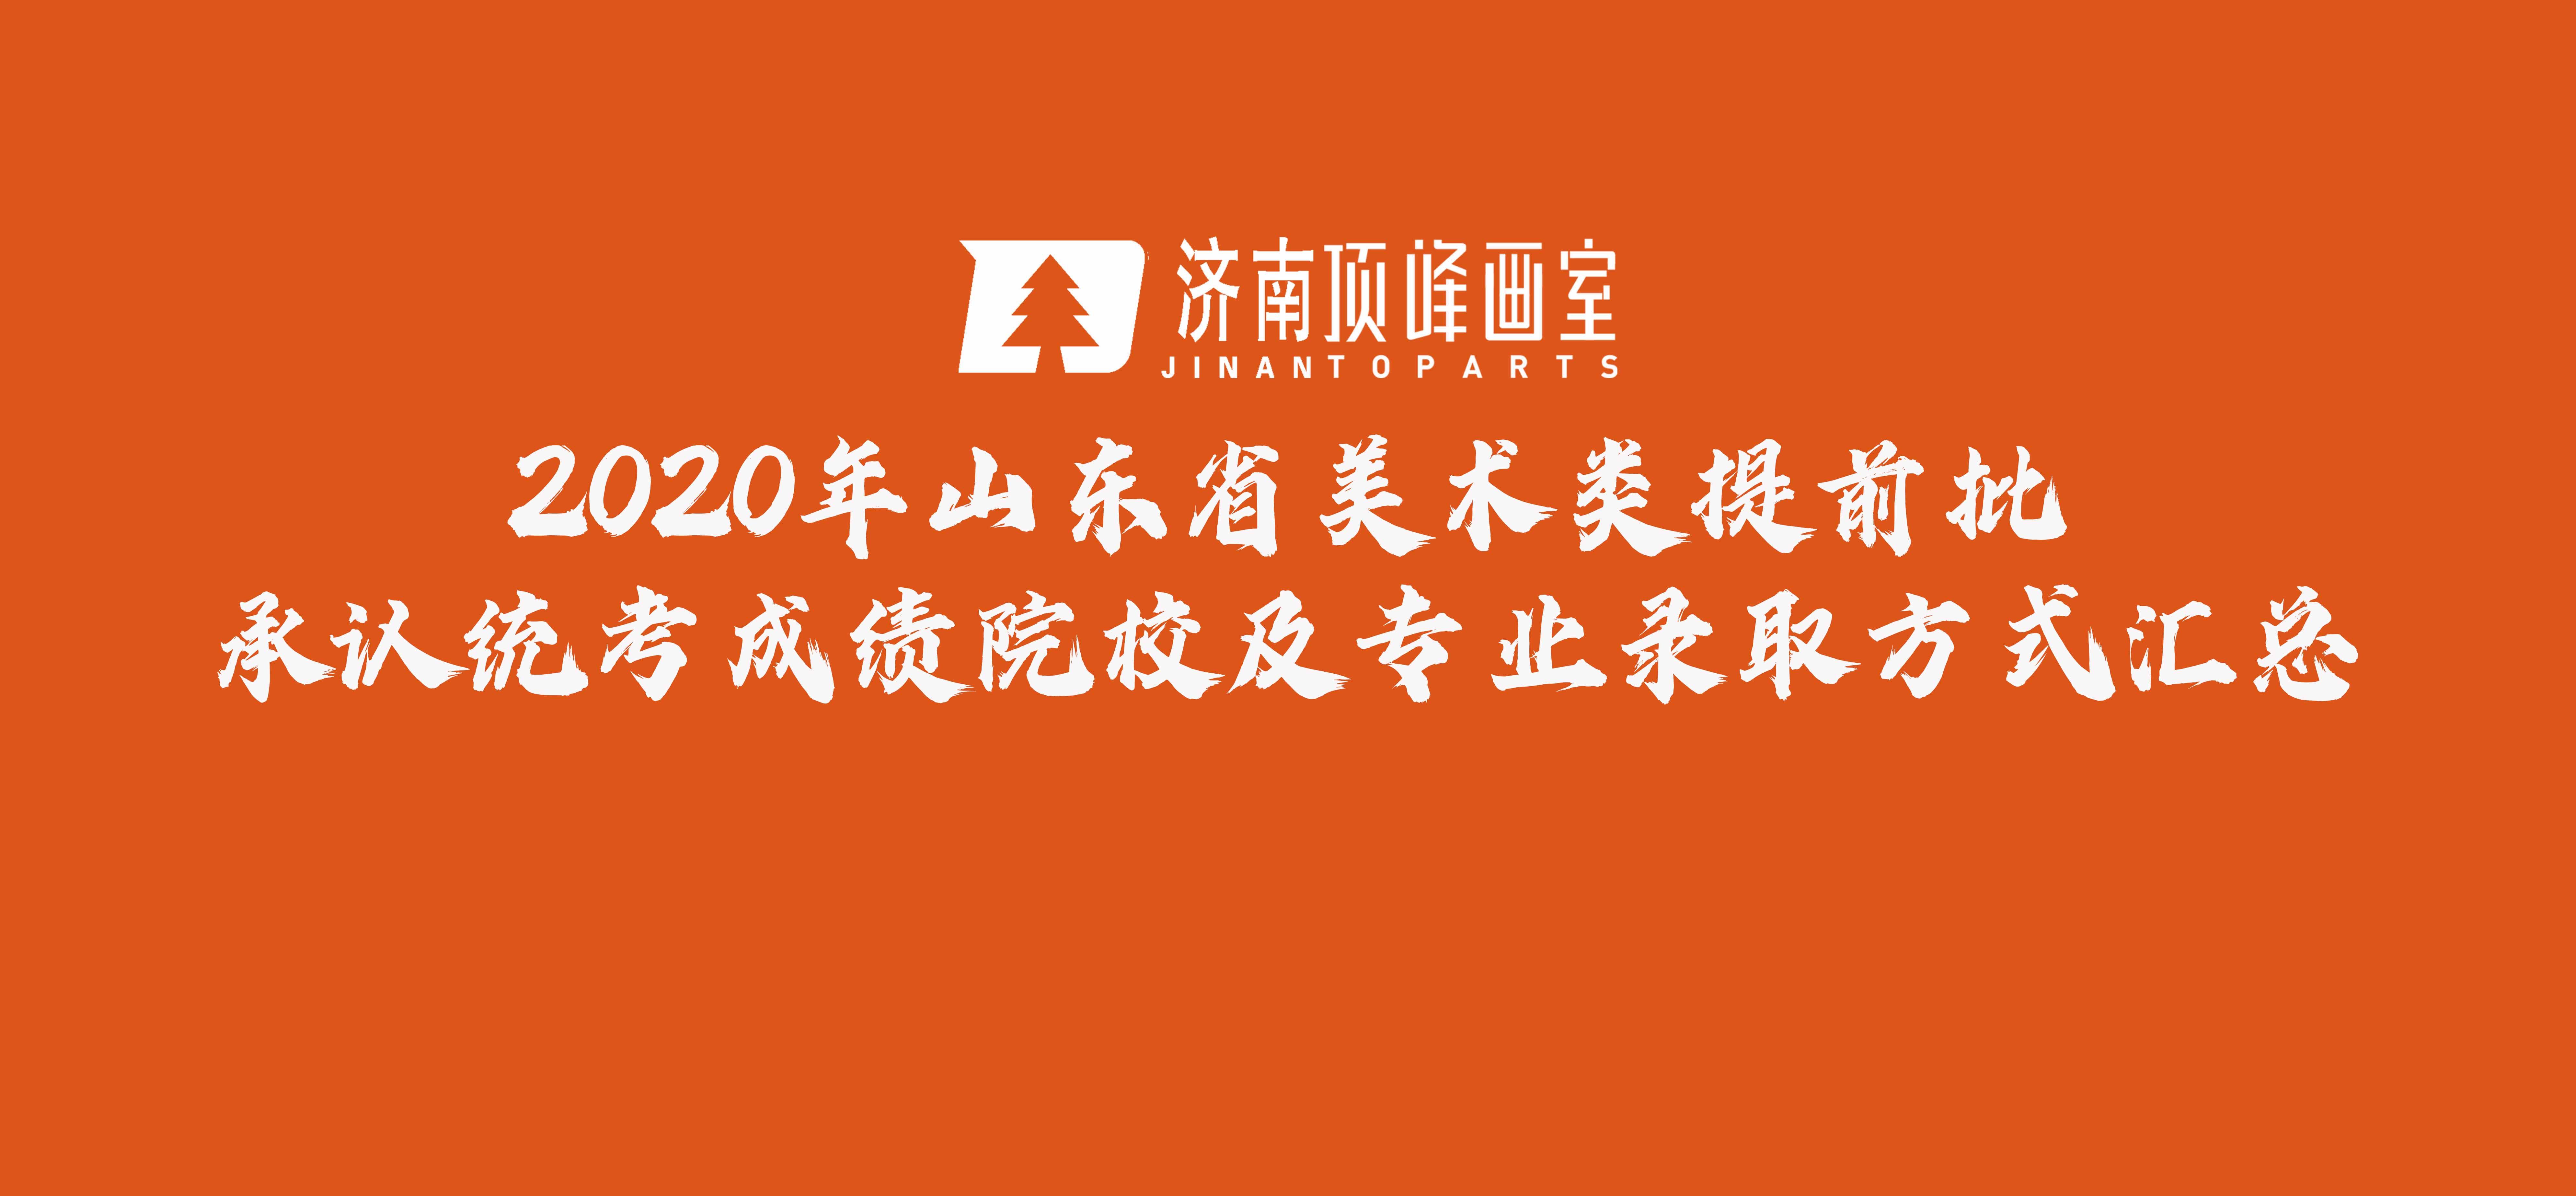 2020年山东省美术类提前批承认统考成绩院校及专业录取方式汇总